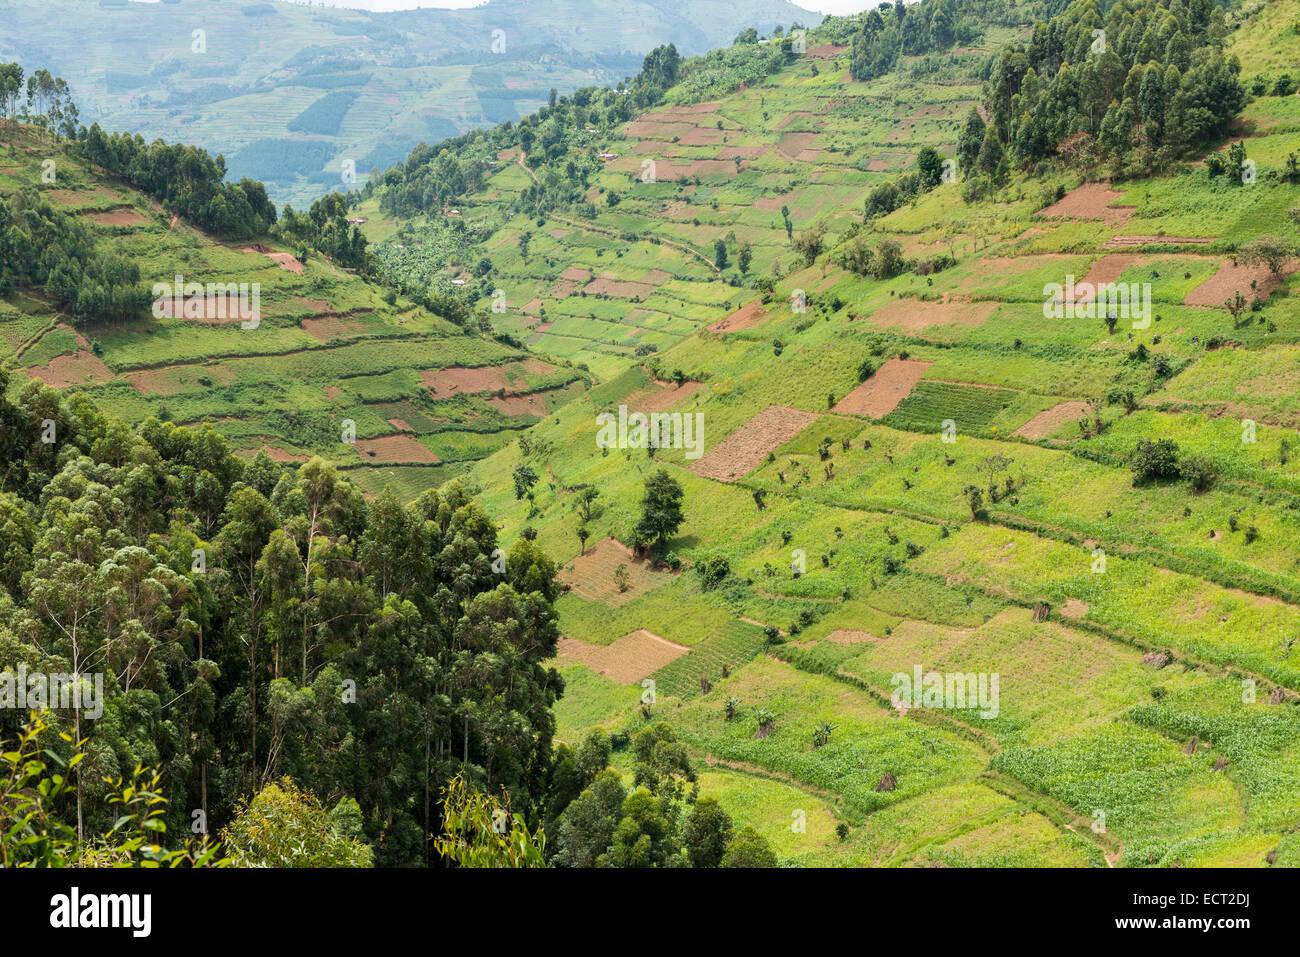 Los campos de cultivo en laderas, Uganda Imagen De Stock